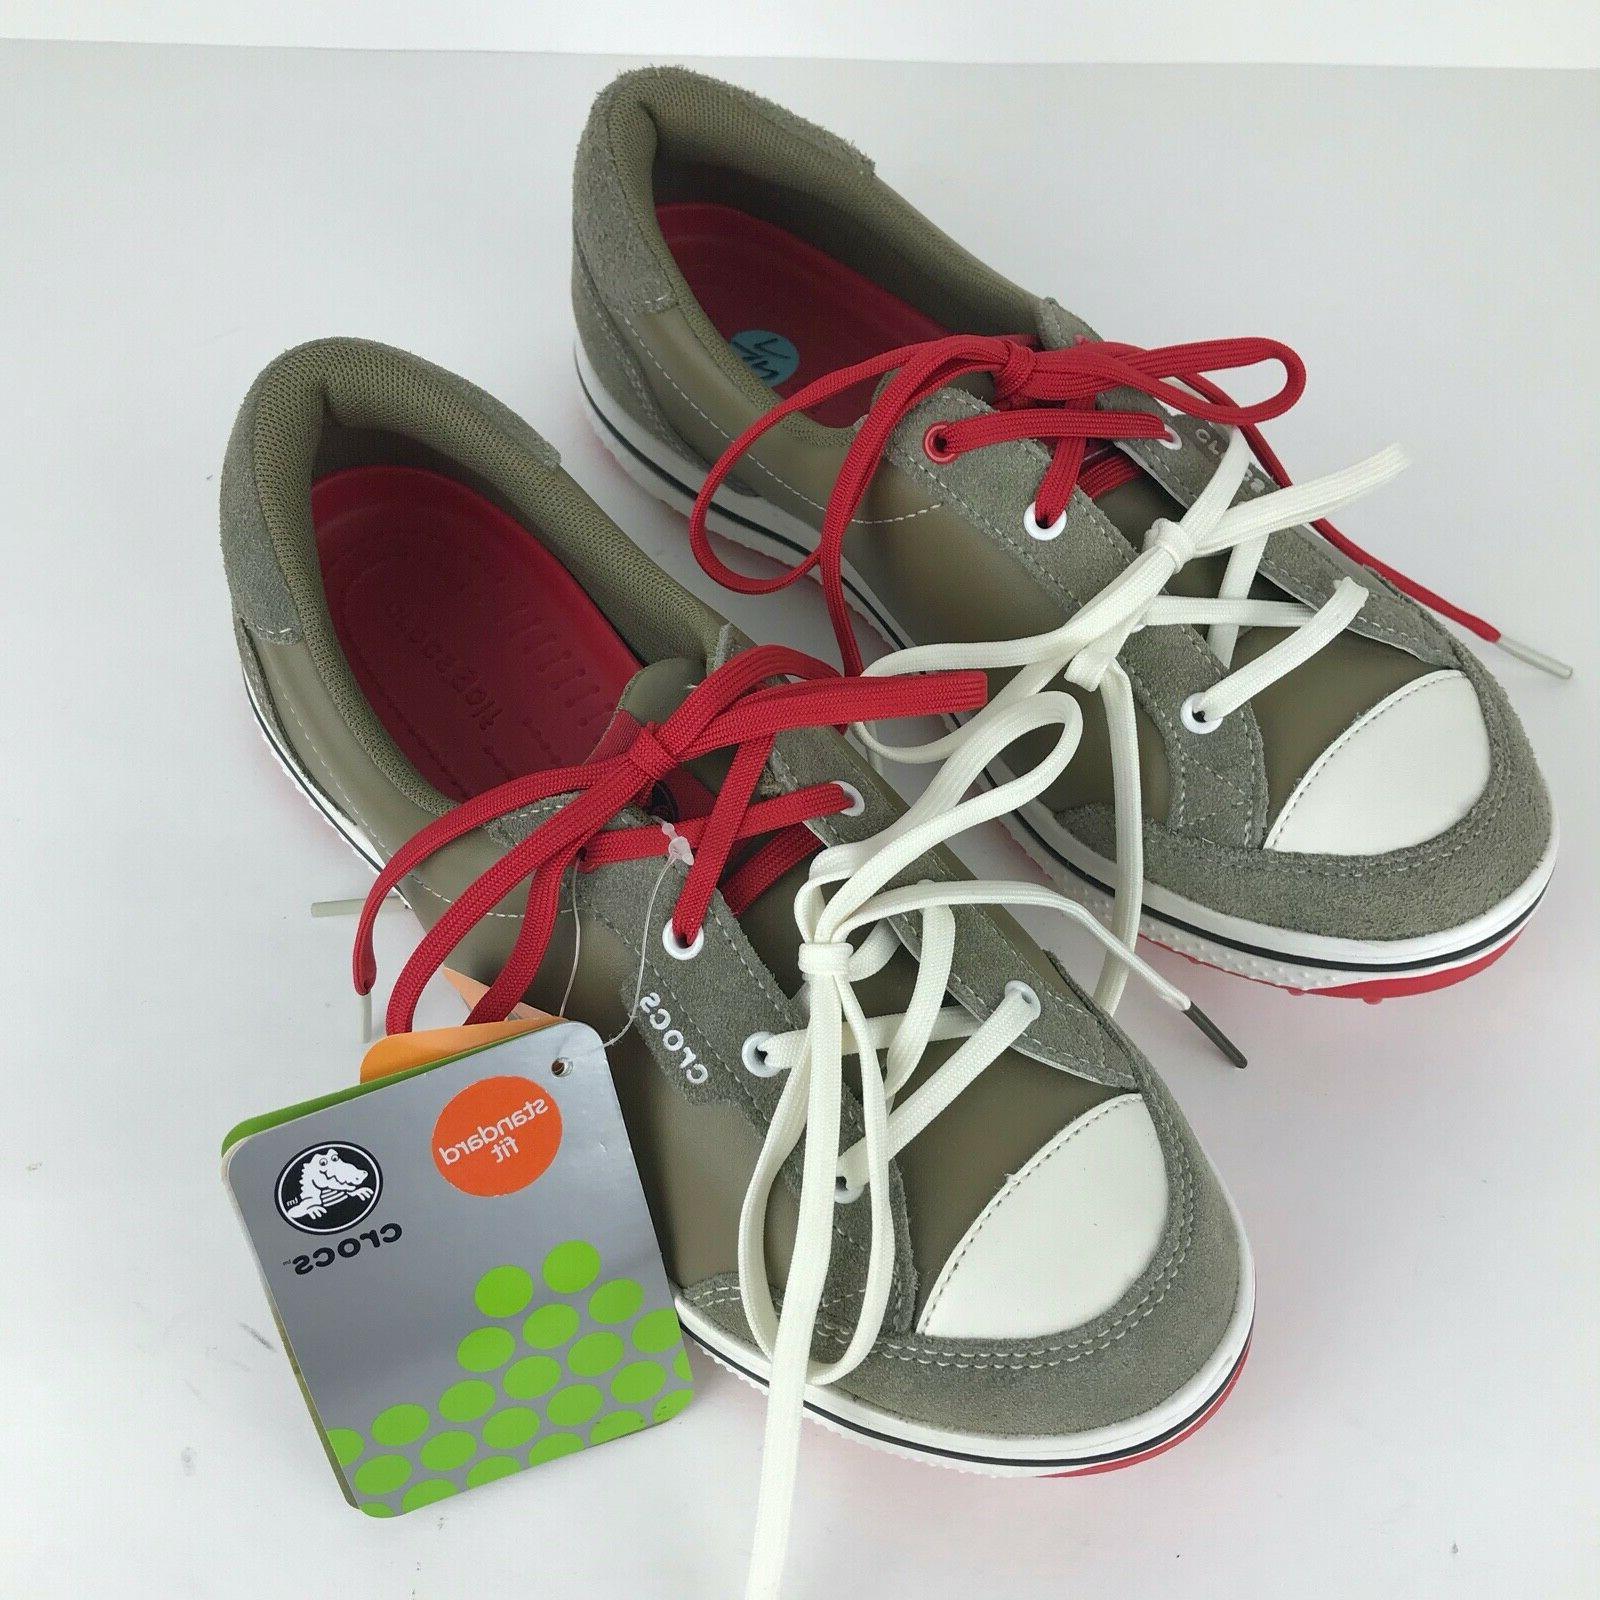 crocs Women's 15371 Bradyn2 Golf Shoe,Black/Gold,6 M US